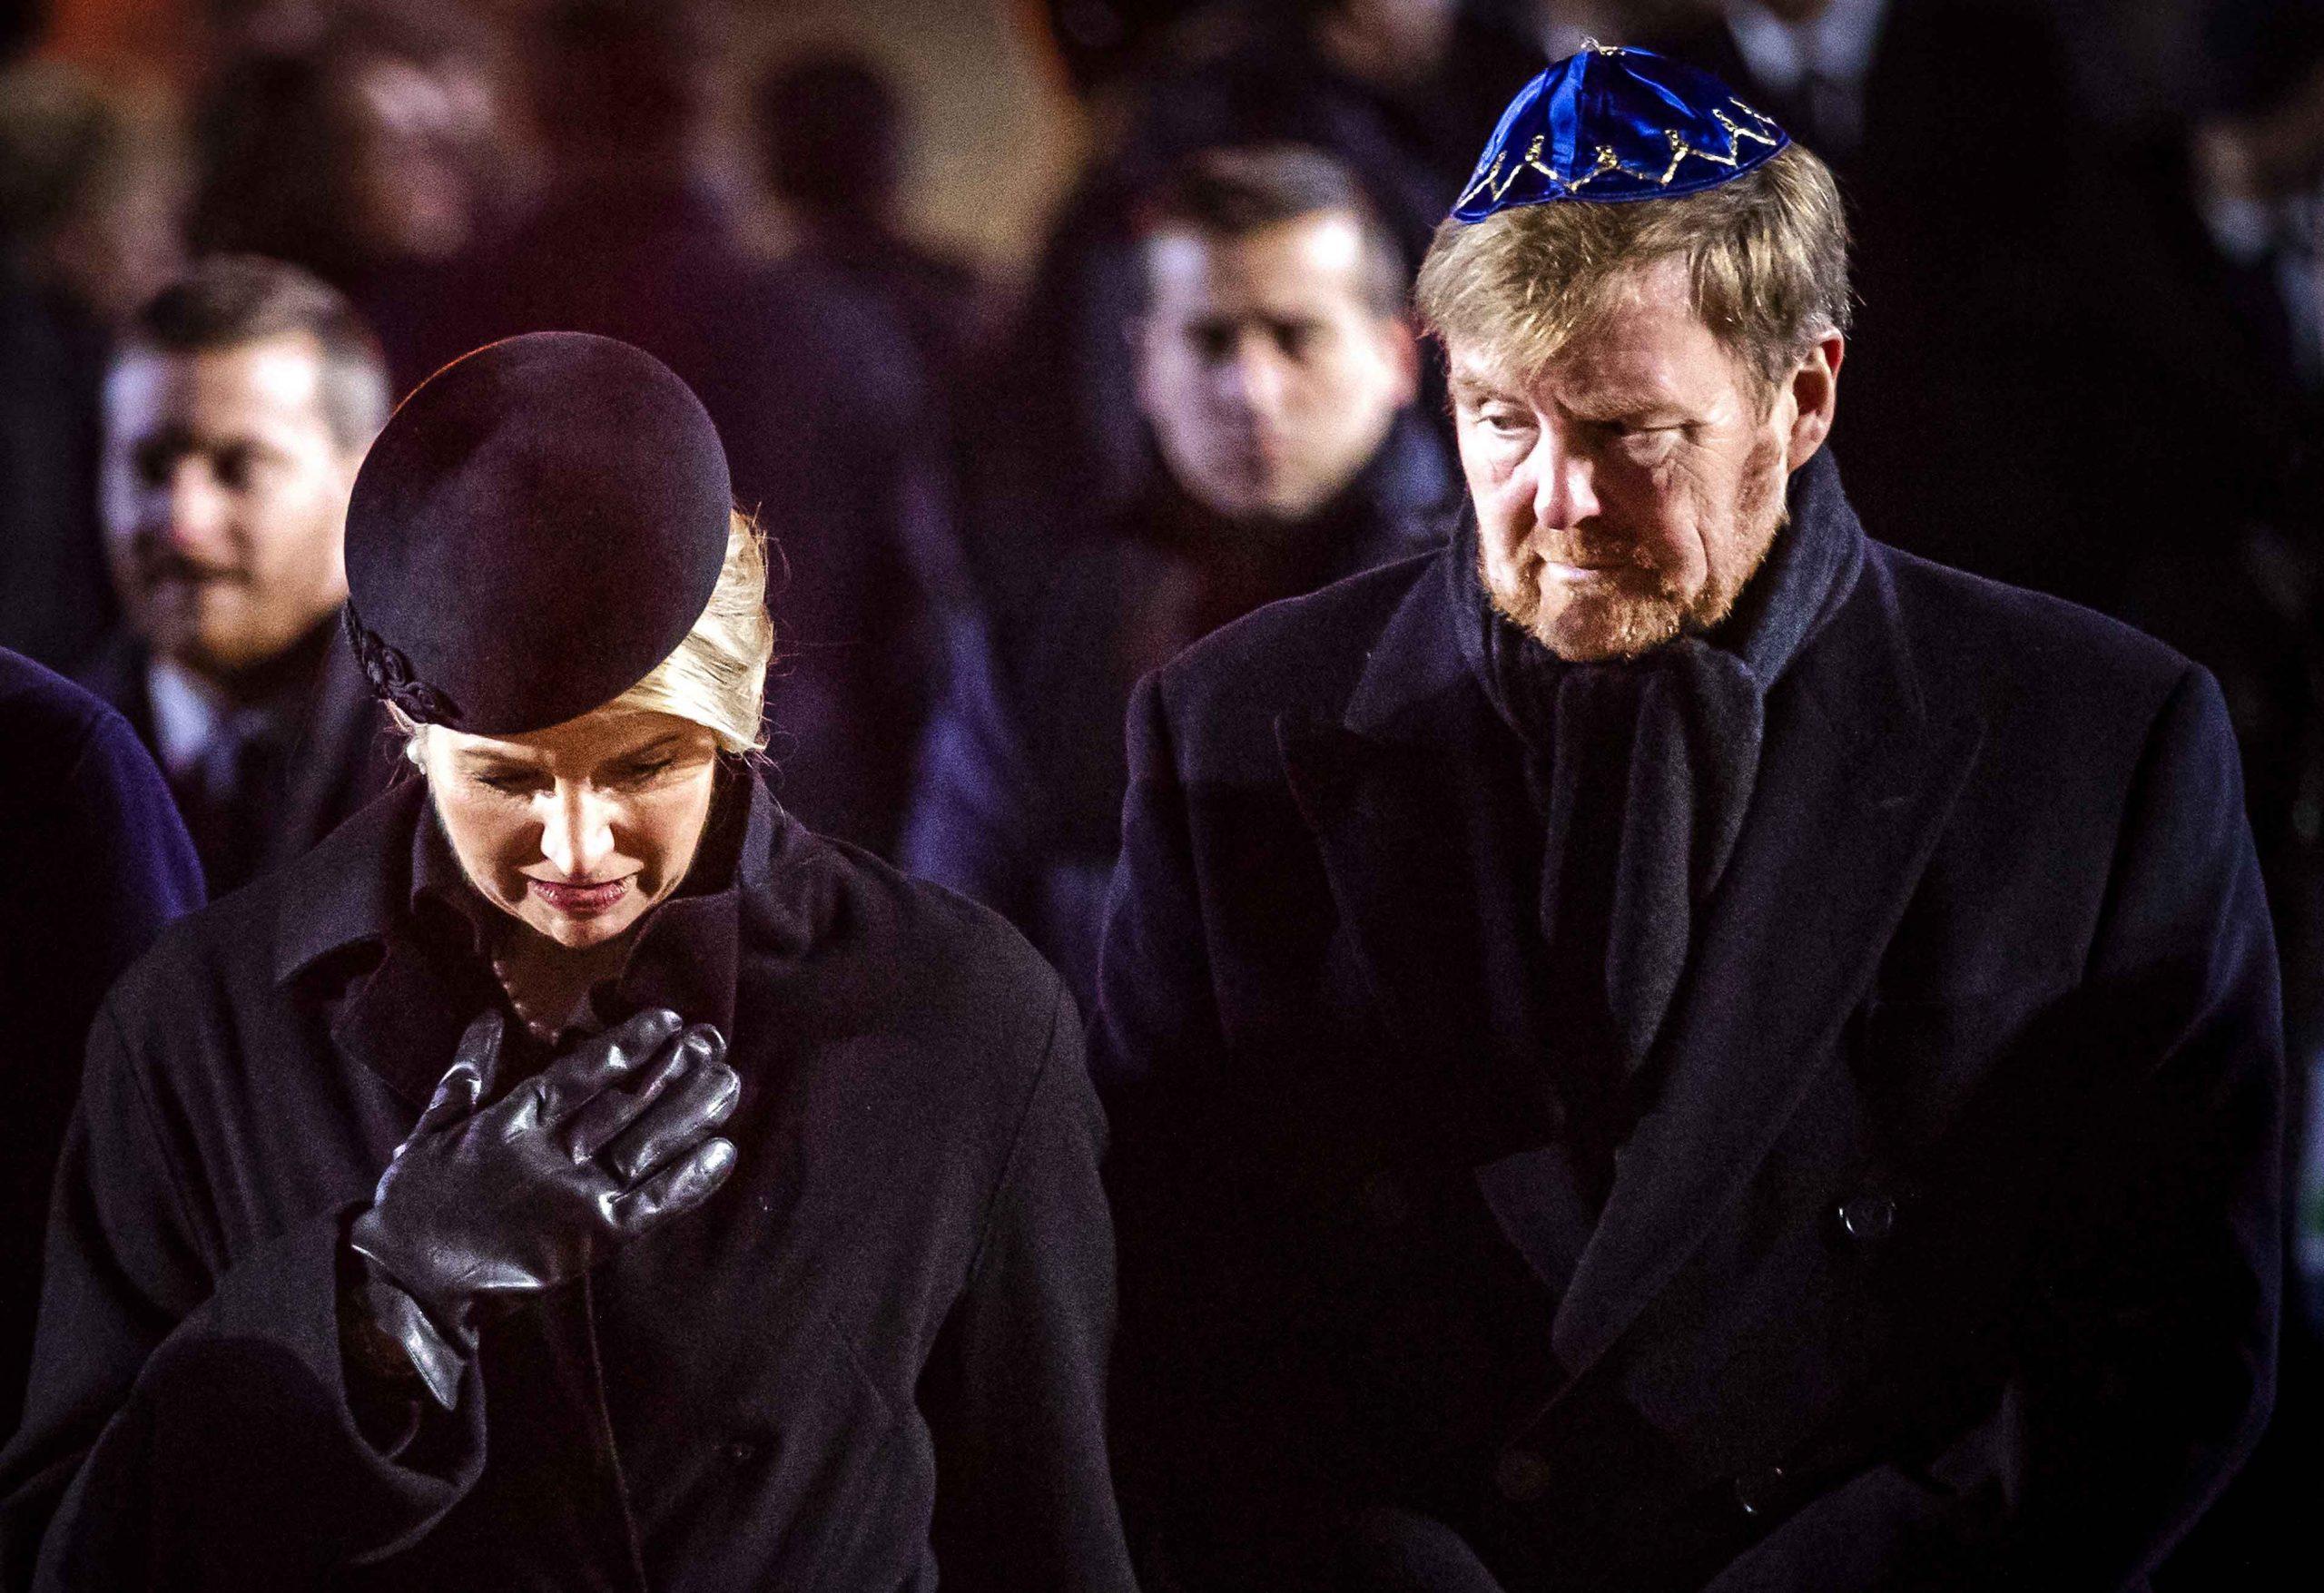 koningin-maxima-koning-willem-alexander-in-Auschwitz-herdenking-75-jaar-vrijheid-Polen